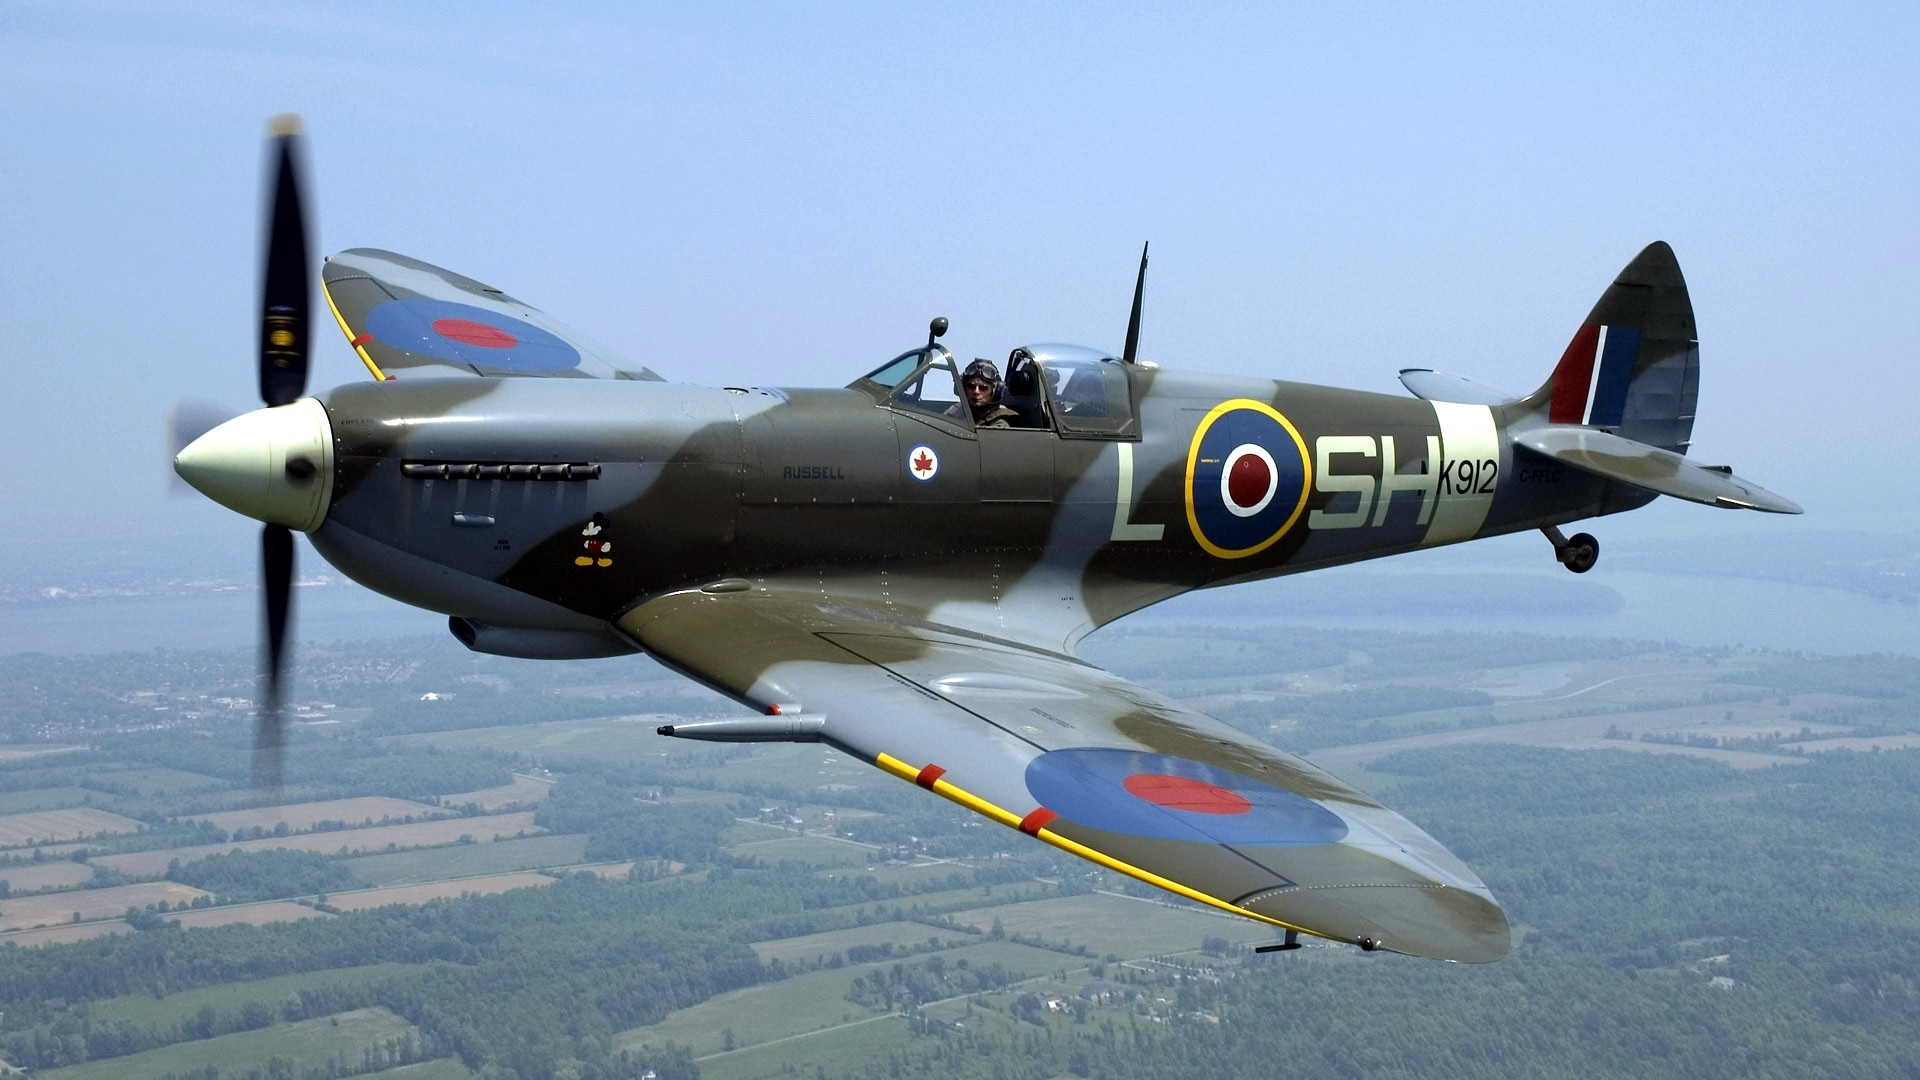 Spitfire wallpaper 1920x1080 81711 1920x1080